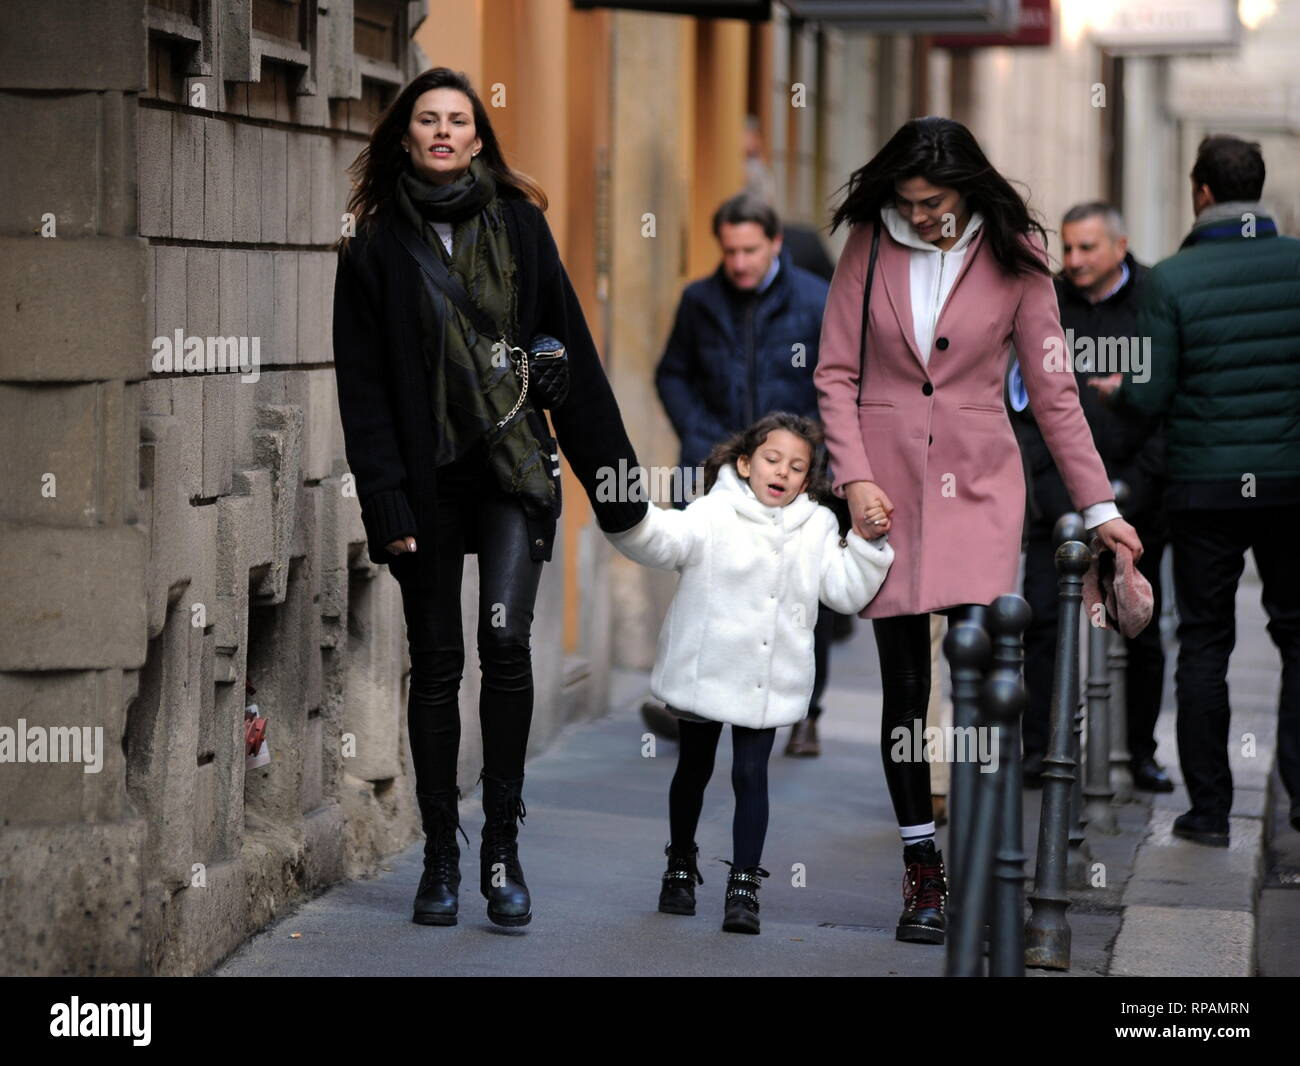 Milano, Dayane Mello e la figlia Sofia il centro a piedi Dayane Mello  sorpreso a piedi attraverso le strade della città con la sua figlia Sofia,  nato dalla relazione con Stefano sala